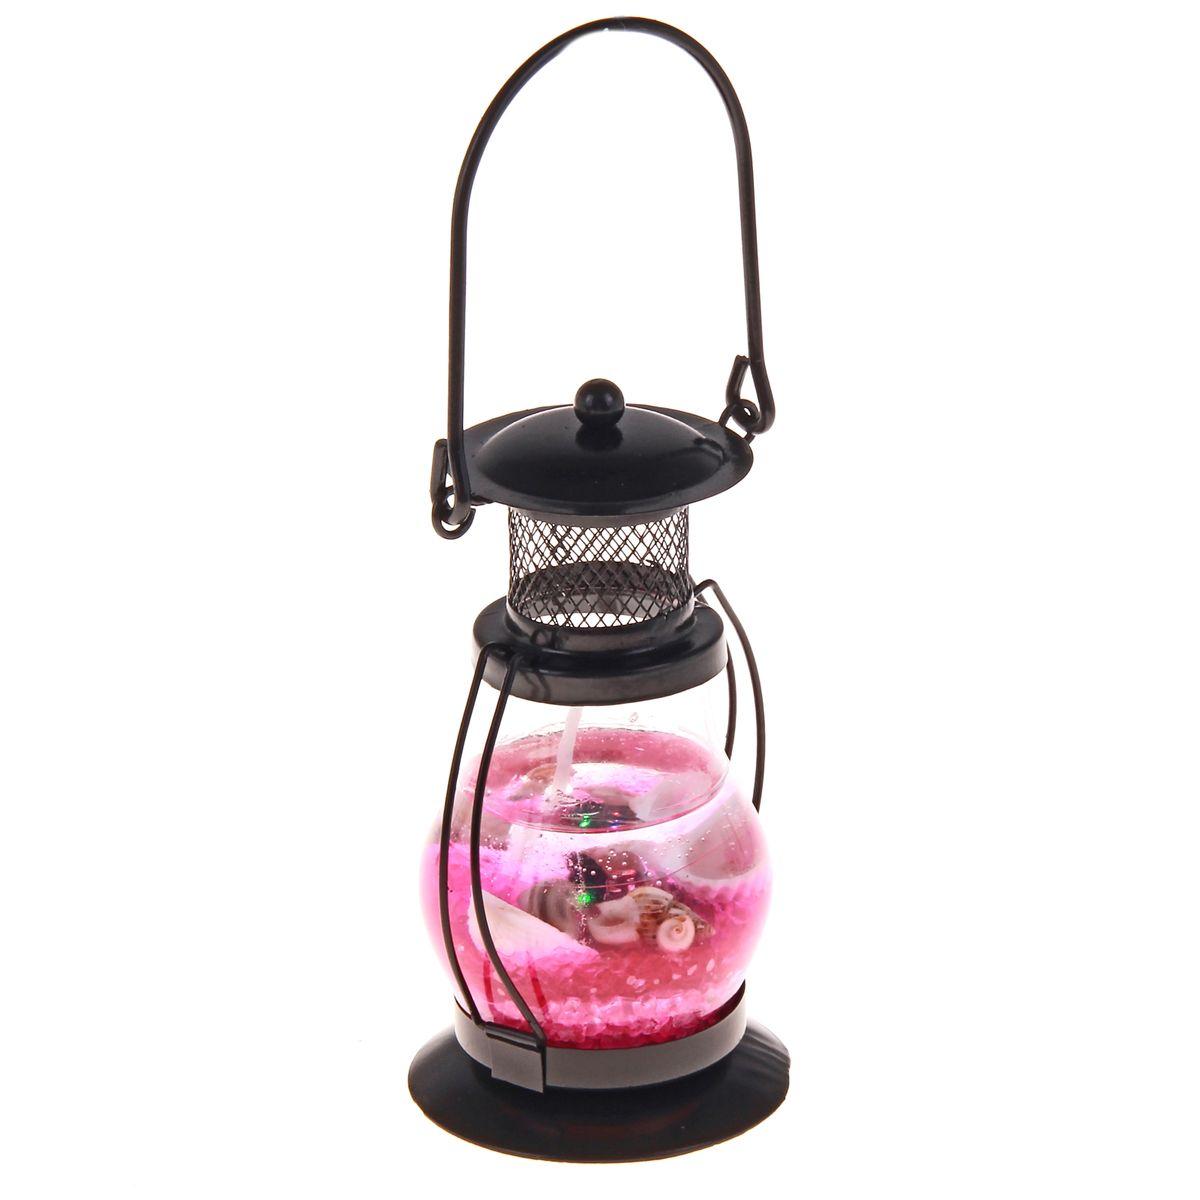 Свеча декоративная Sima-land Фонарик, цвет: черный, розовый, высота 13 см. 169145169145Декоративная свеча Sima-land Фонарик изготовлена из геля и расположена внутри фонарика, изготовленного из стекла и металла. Изделие оформлено ракушками и морской звездой. Такая свеча может стать отличным подарком или дополнить интерьер вашей комнаты. Высота (без учета ручки): 13 см.